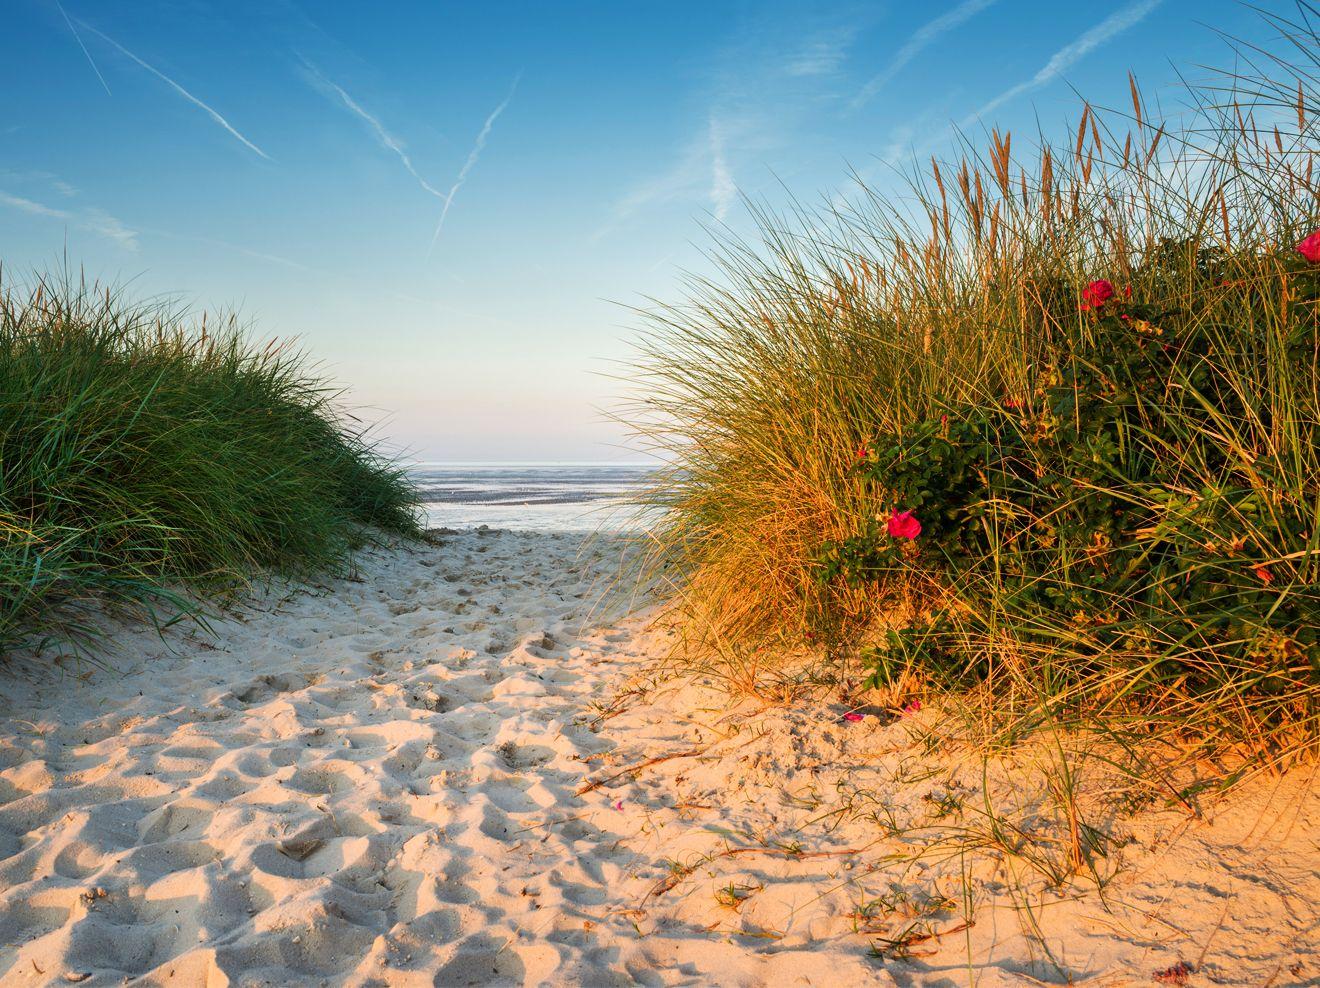 Nordseekuste Eintritt Am Strand Ist Illegal Strand Nordsee Und